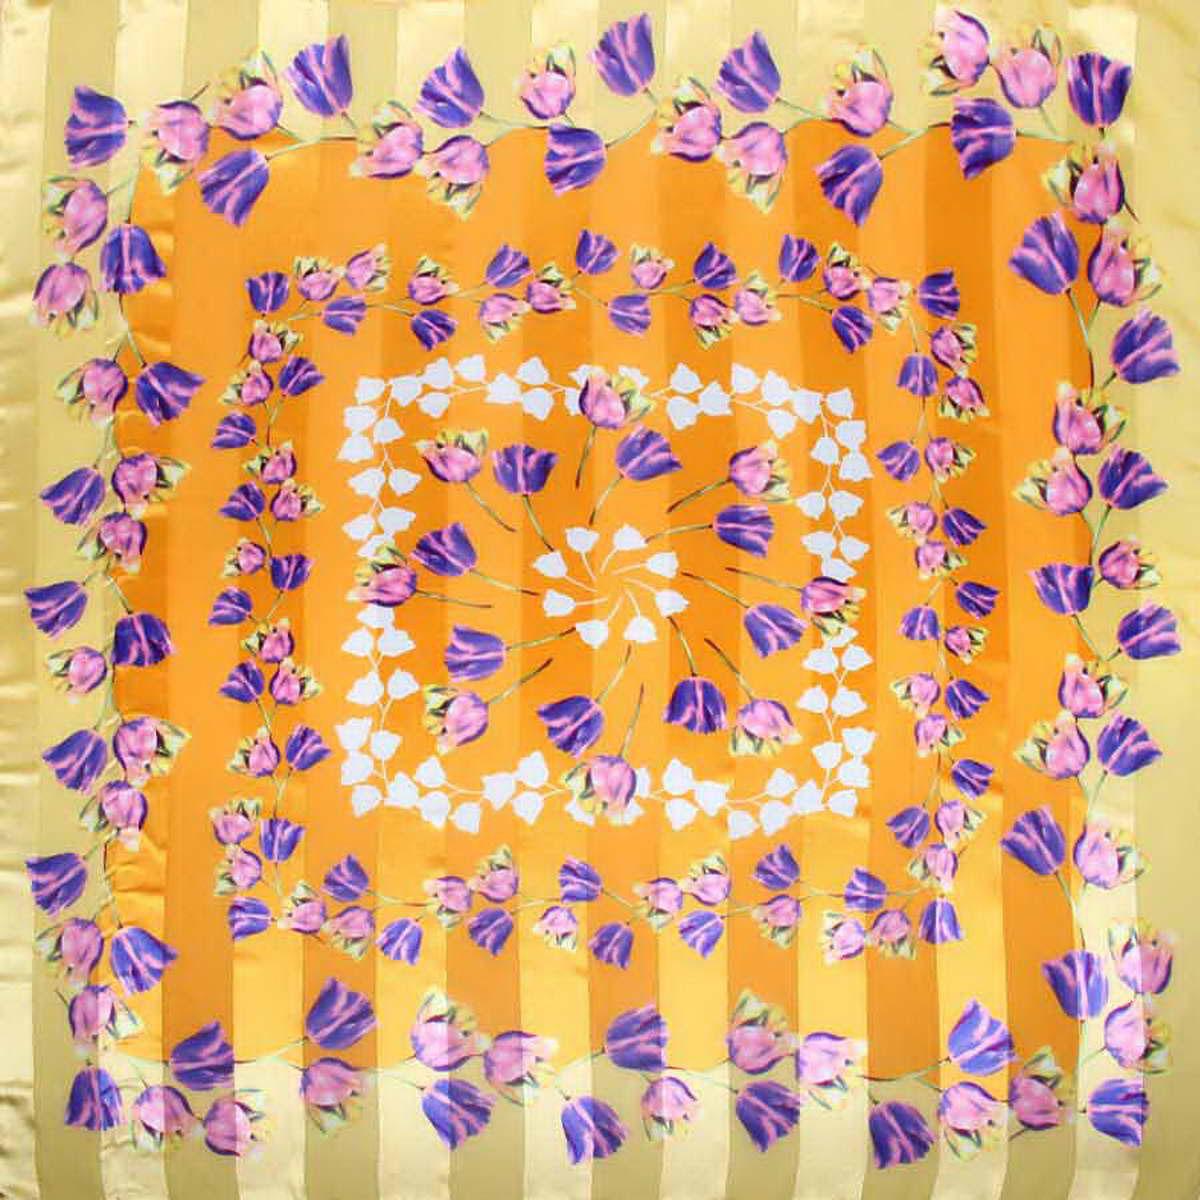 Платок женский. 3904972-193904972-19Стильный женский платок Venera станет великолепным завершением любого наряда. Платок, изготовленный из полиэстера, оформлен цветочным принтом. Классическая квадратная форма позволяет носить платок на шее, украшать им прическу или декорировать сумочку. Легкий и приятный на ощупь платок поможет вам создать изысканный женственный образ. Такой платок превосходно дополнит любой наряд и подчеркнет ваш неповторимый вкус и элегантность.